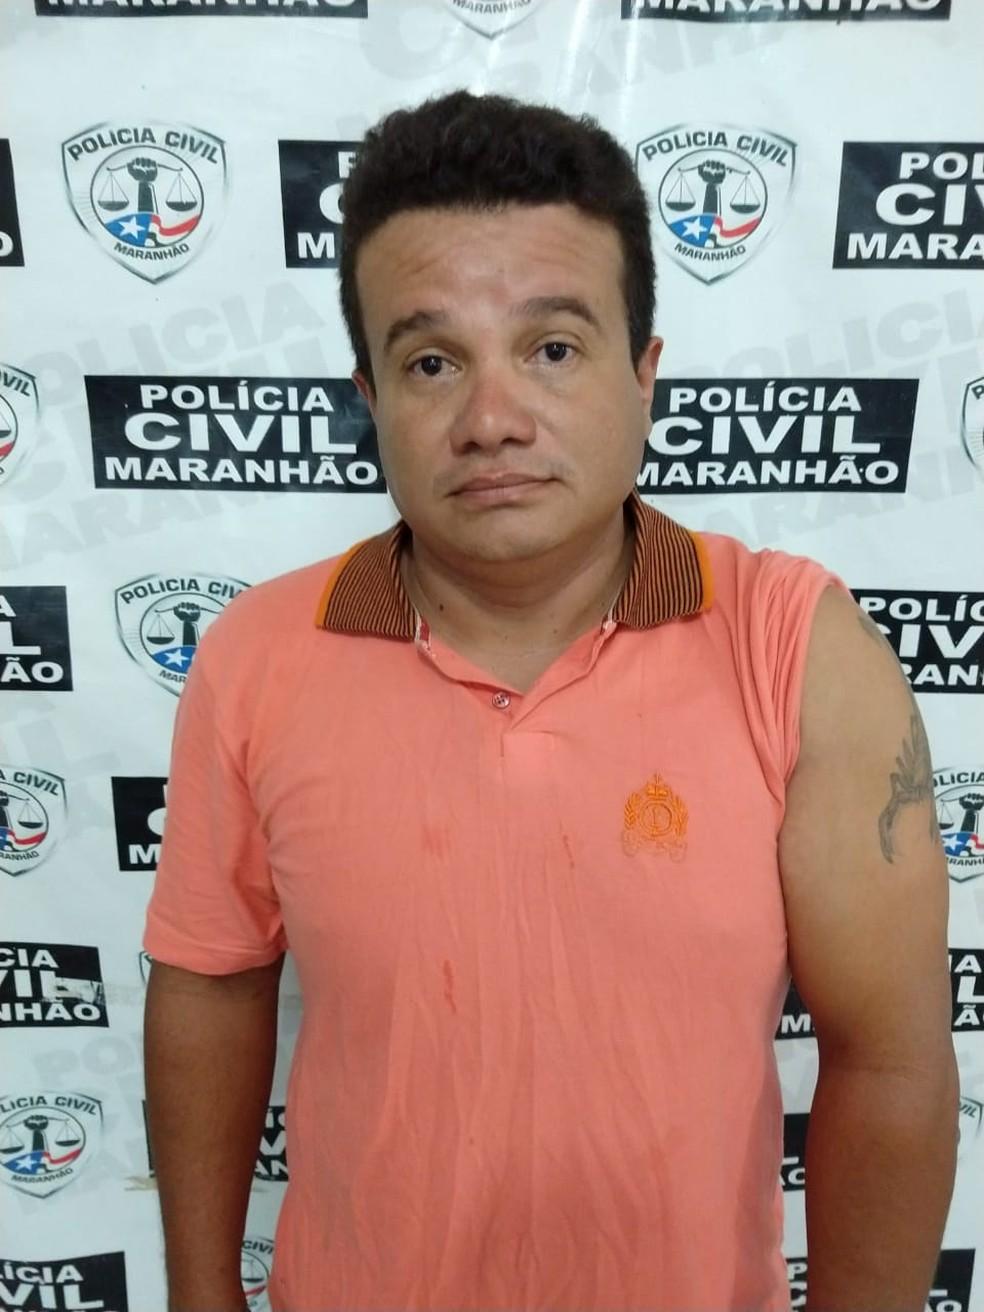 Gildene Araújo Bonifácio foi preso pelo crime de homicídio qualificado em Santa Luzia — Foto: Diculgação/Polícia Civil